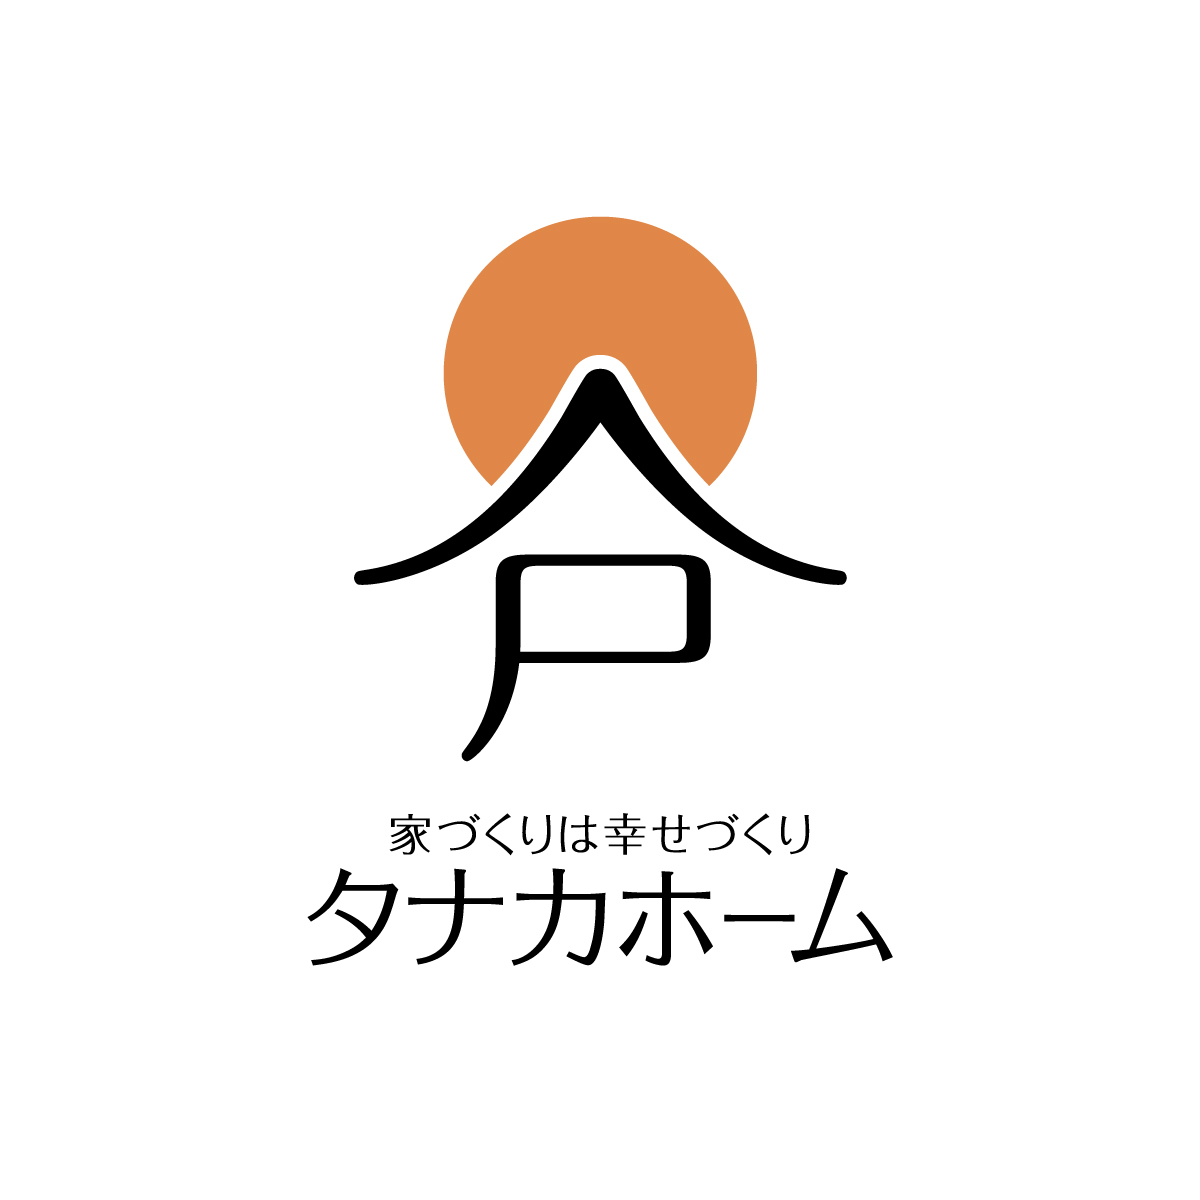 建築会社ロゴ